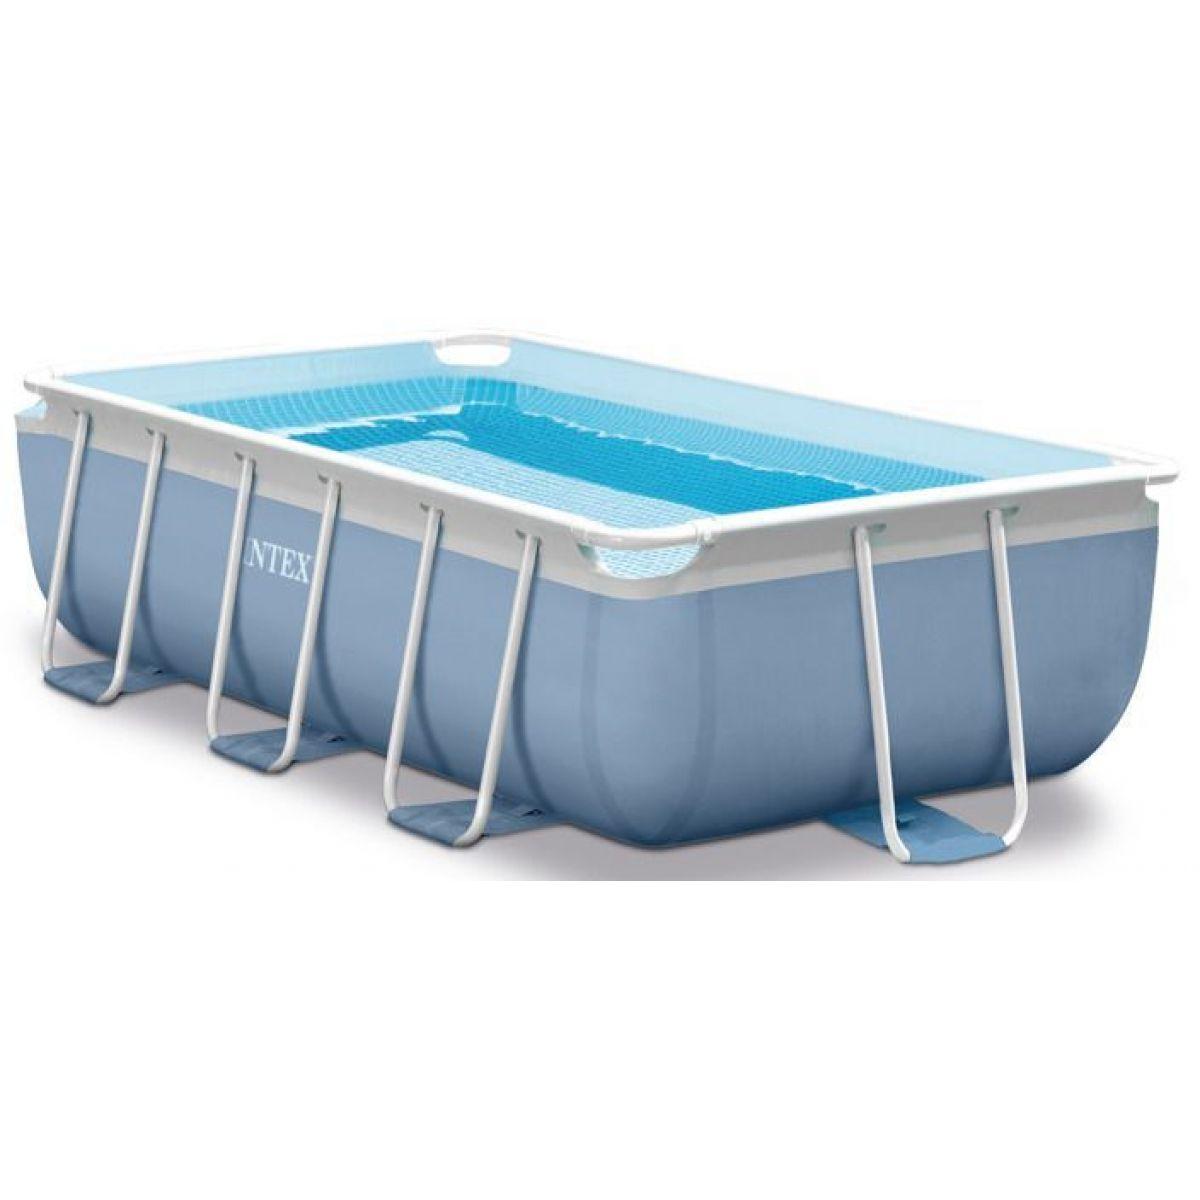 Intex 26772 Bazén obdélníkový s rámem Prism frame 3 m x 1,75 m x 80 cm